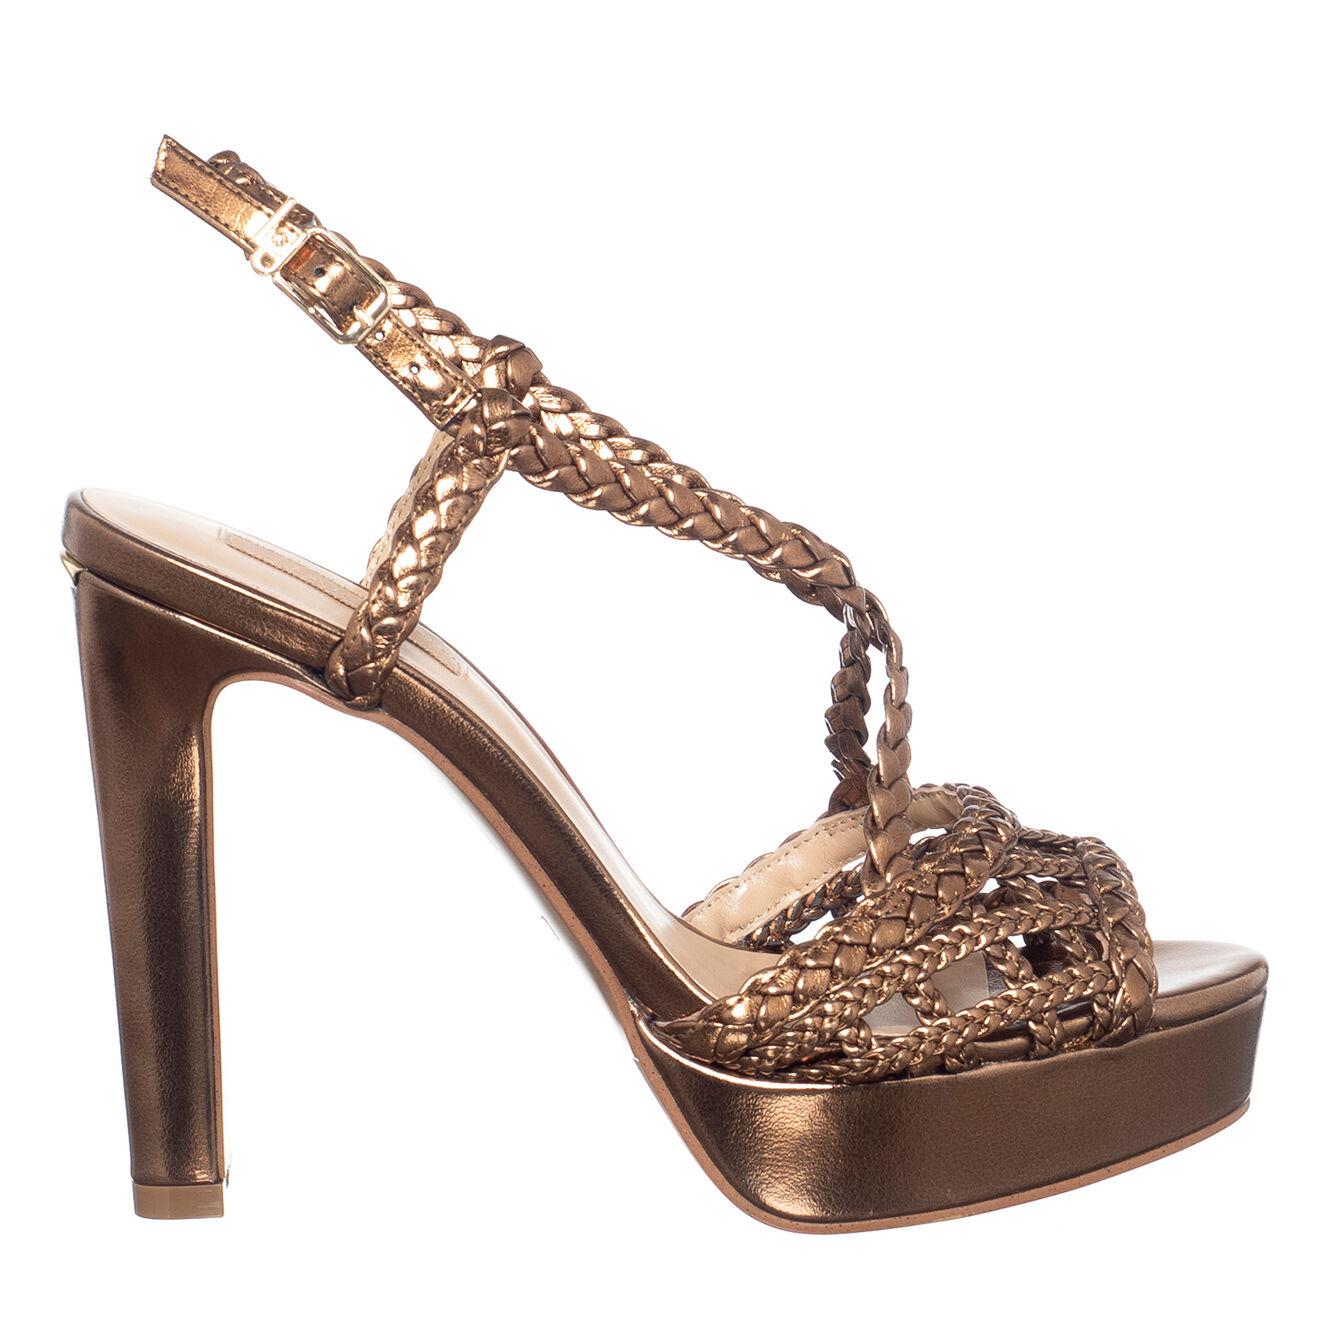 Sandales en Cuir Jada bronze - Talon 13 cm - Liu-Jo - Modalova